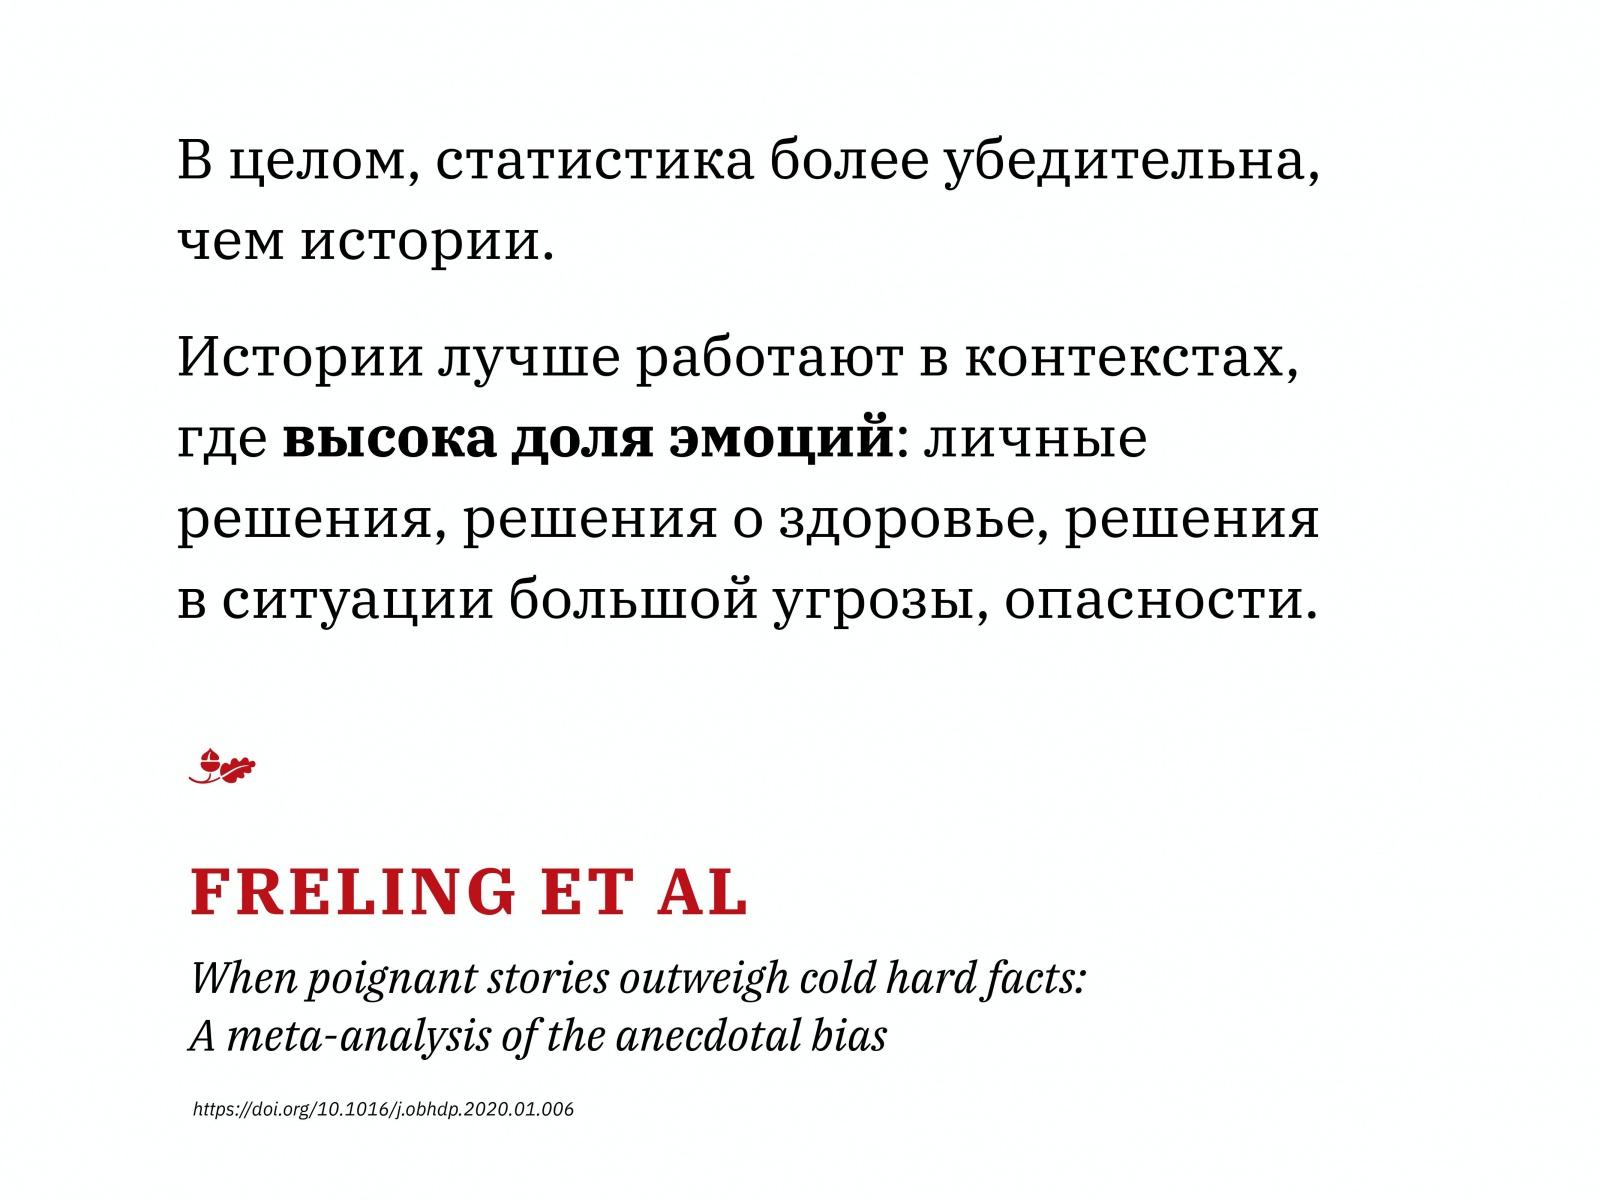 Алексей Каптерев: Критическое мышление 101 (часть 2) - 8